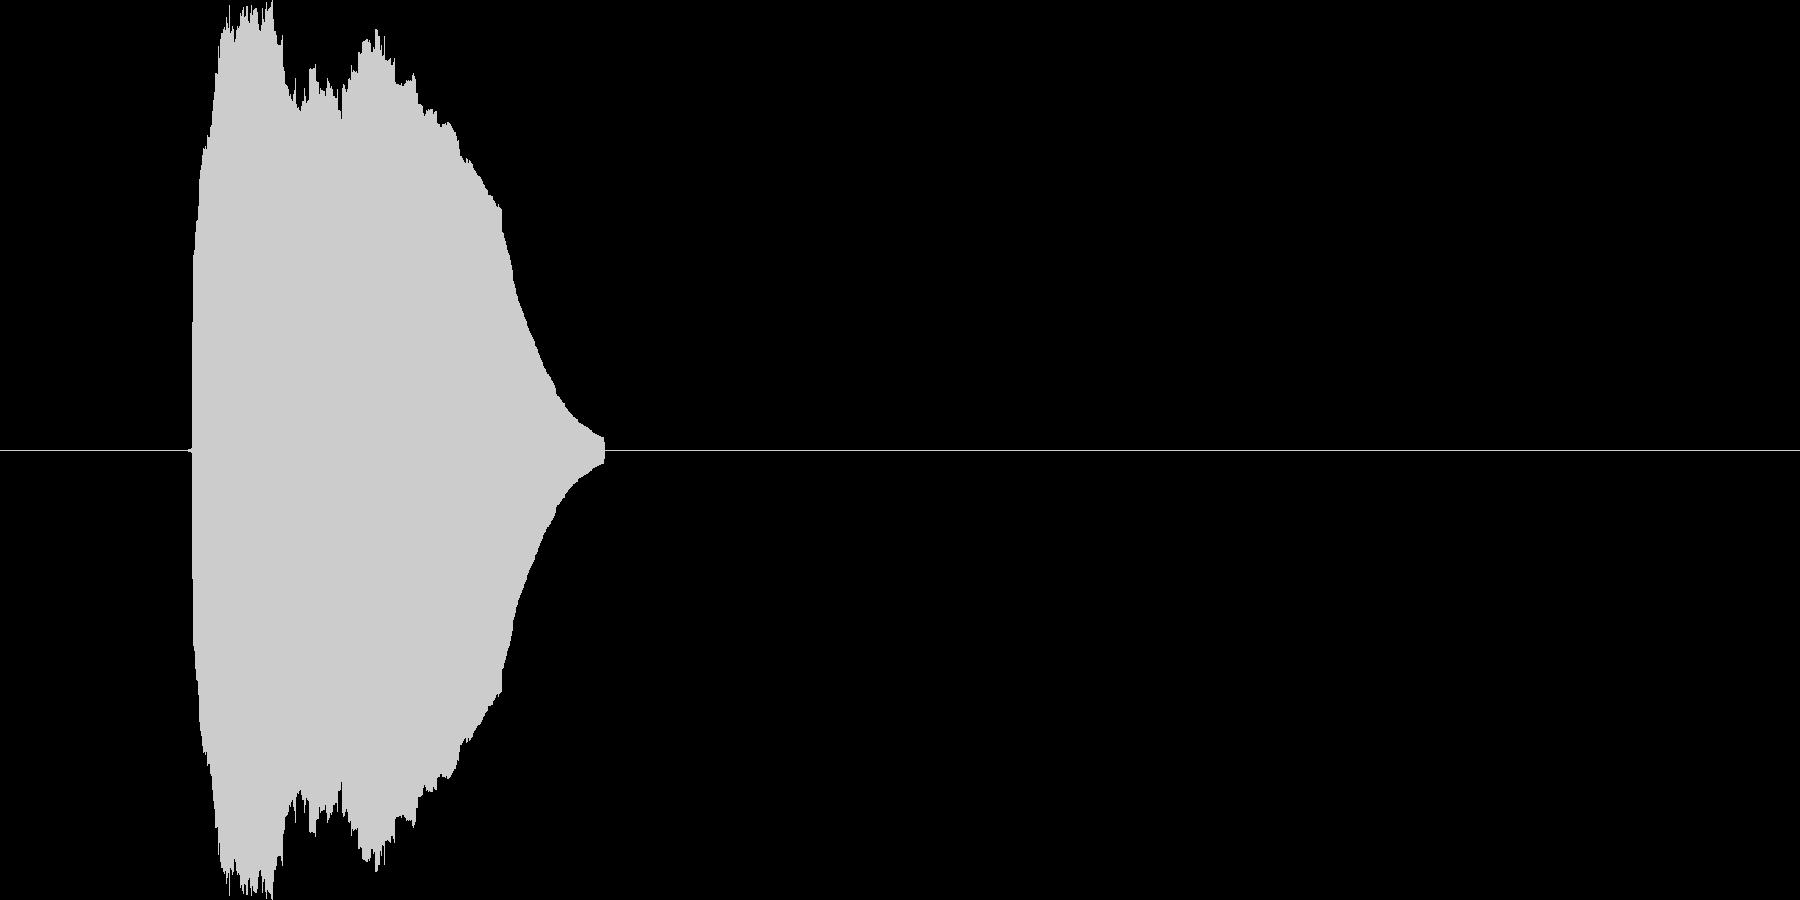 ピッ【ボタンを押す】 シンプルな電子音の未再生の波形